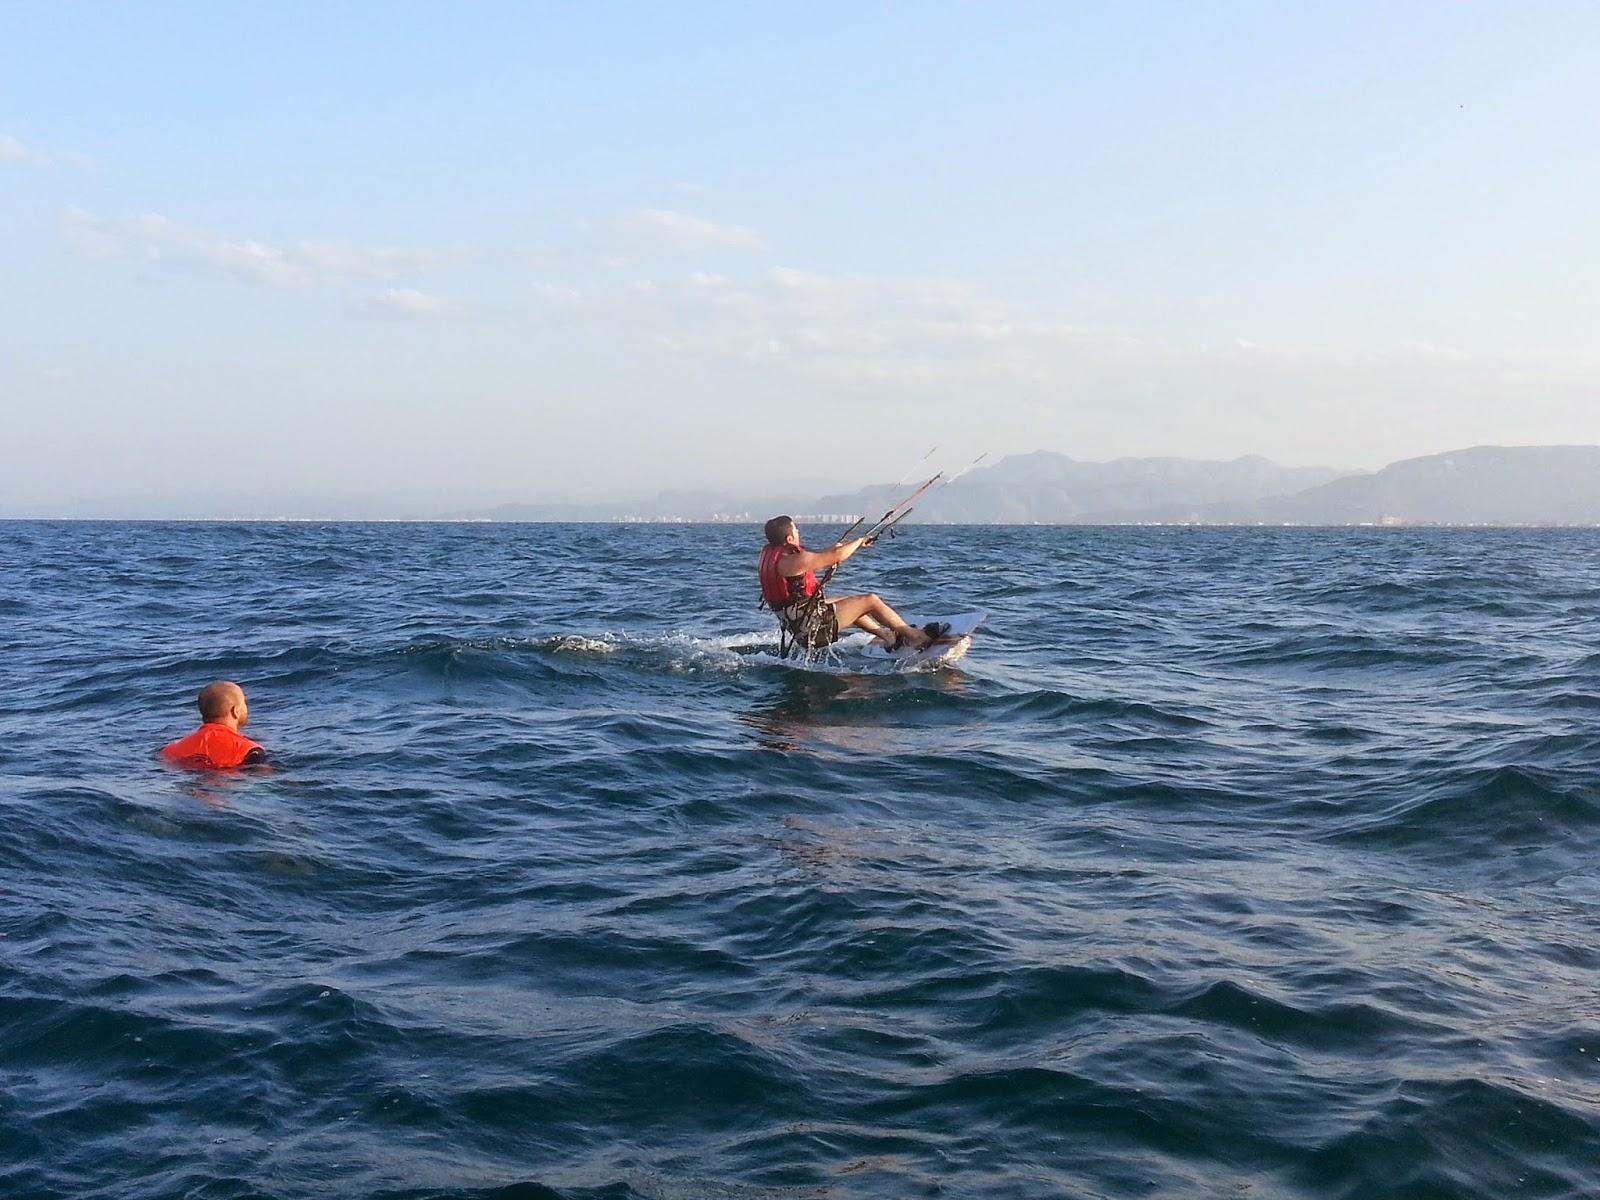 curso kitesurf avanzado en valencia